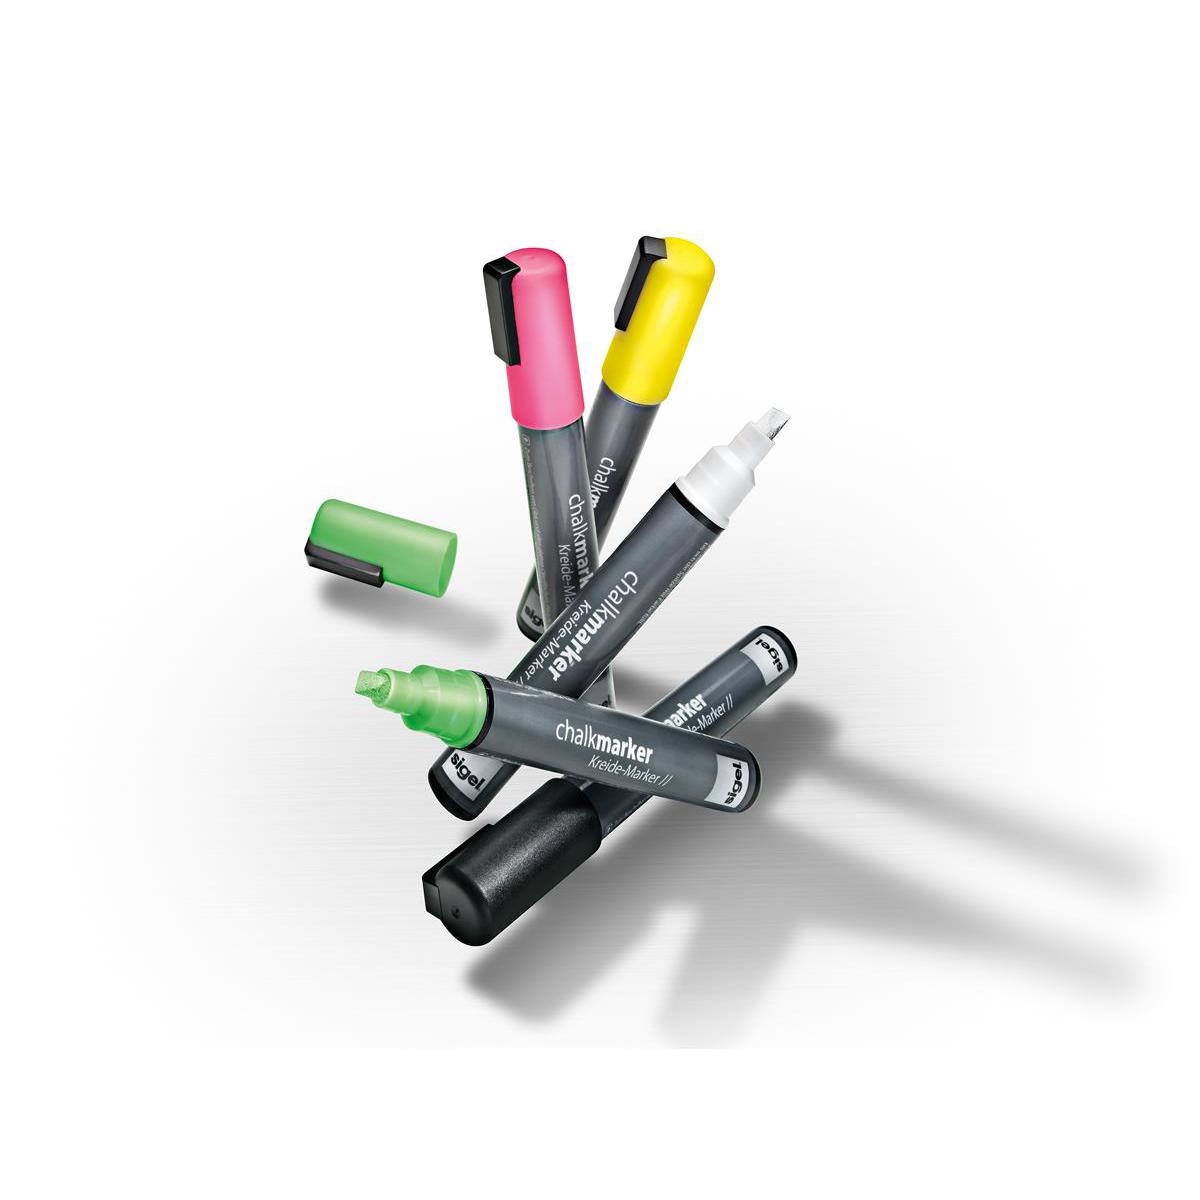 Sigel Chalk Marker Chisel Tip 1-5mm Line Flourescent Assorted Pack 3